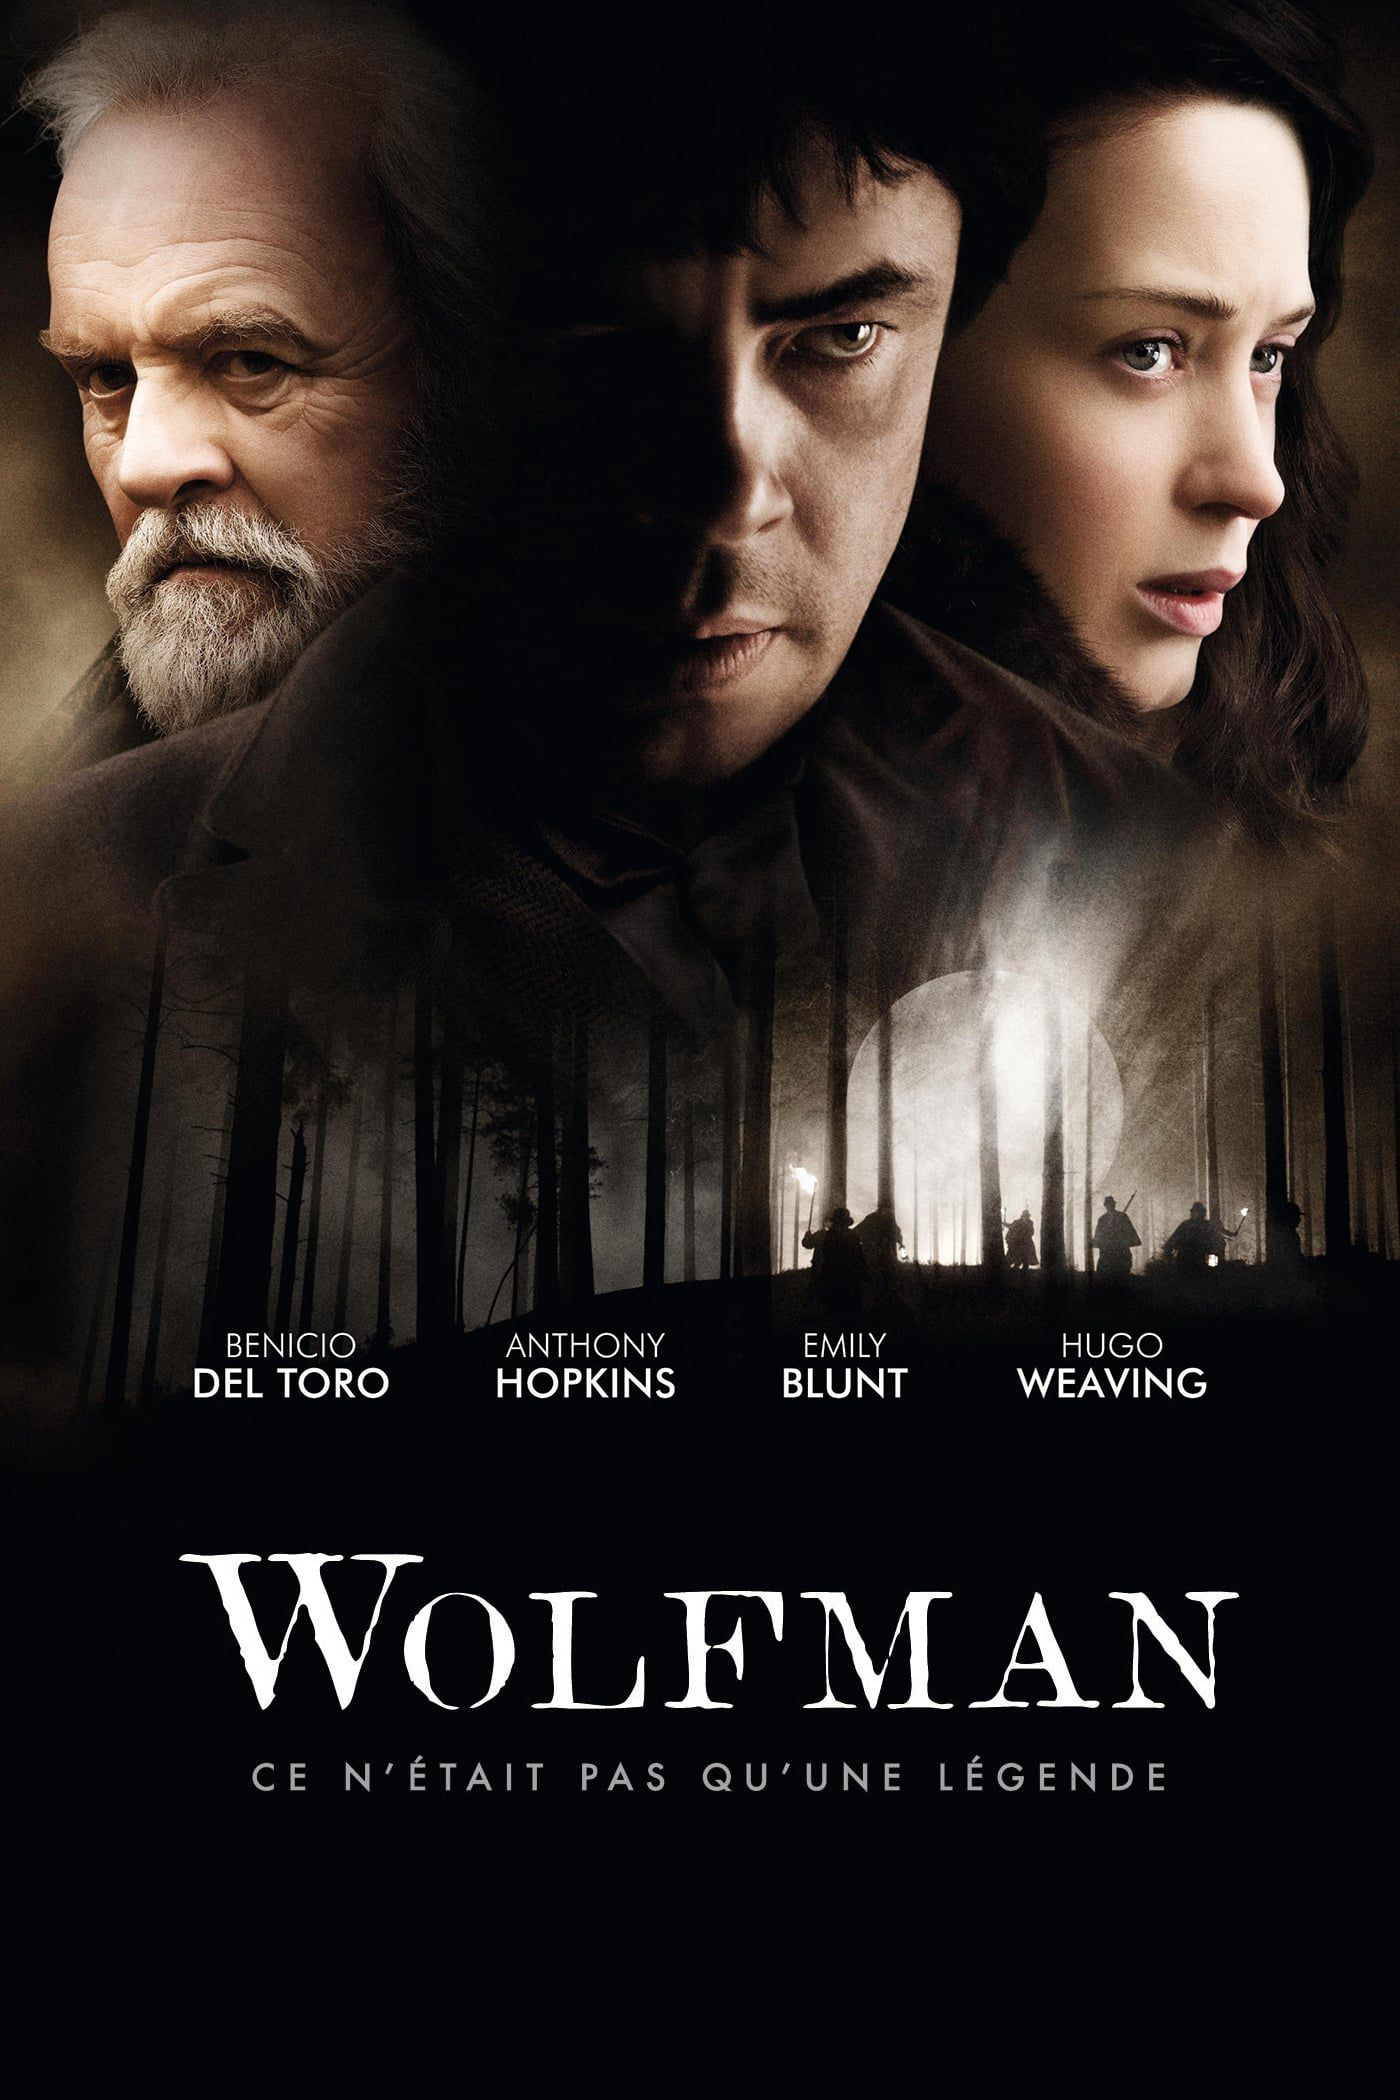 Wolfman - Film (2010)